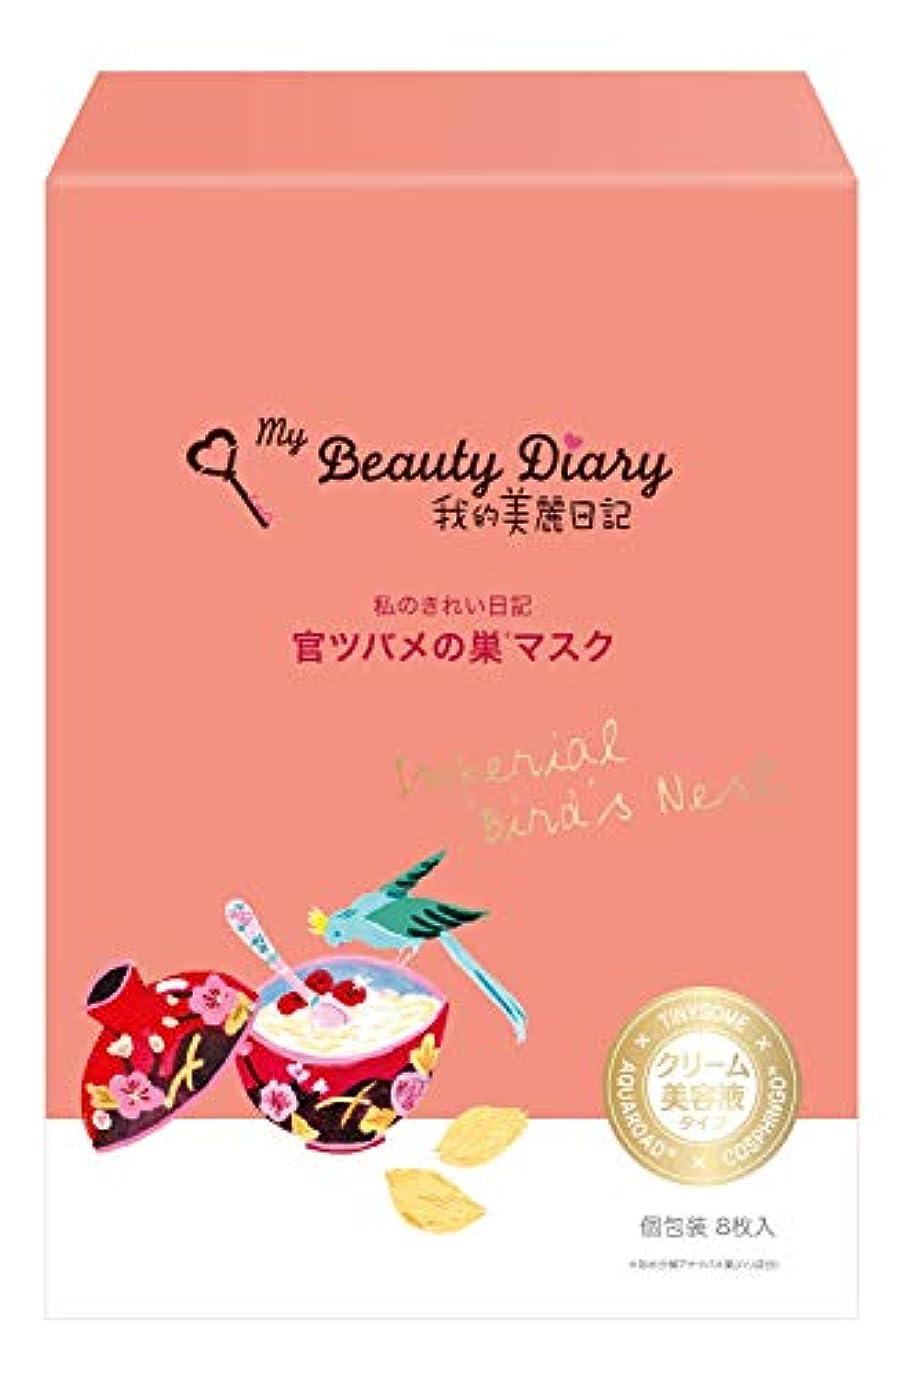 上向き運命フラップ我的美麗日記-私のきれい日記- 官ツバメの巣マスク 8枚入